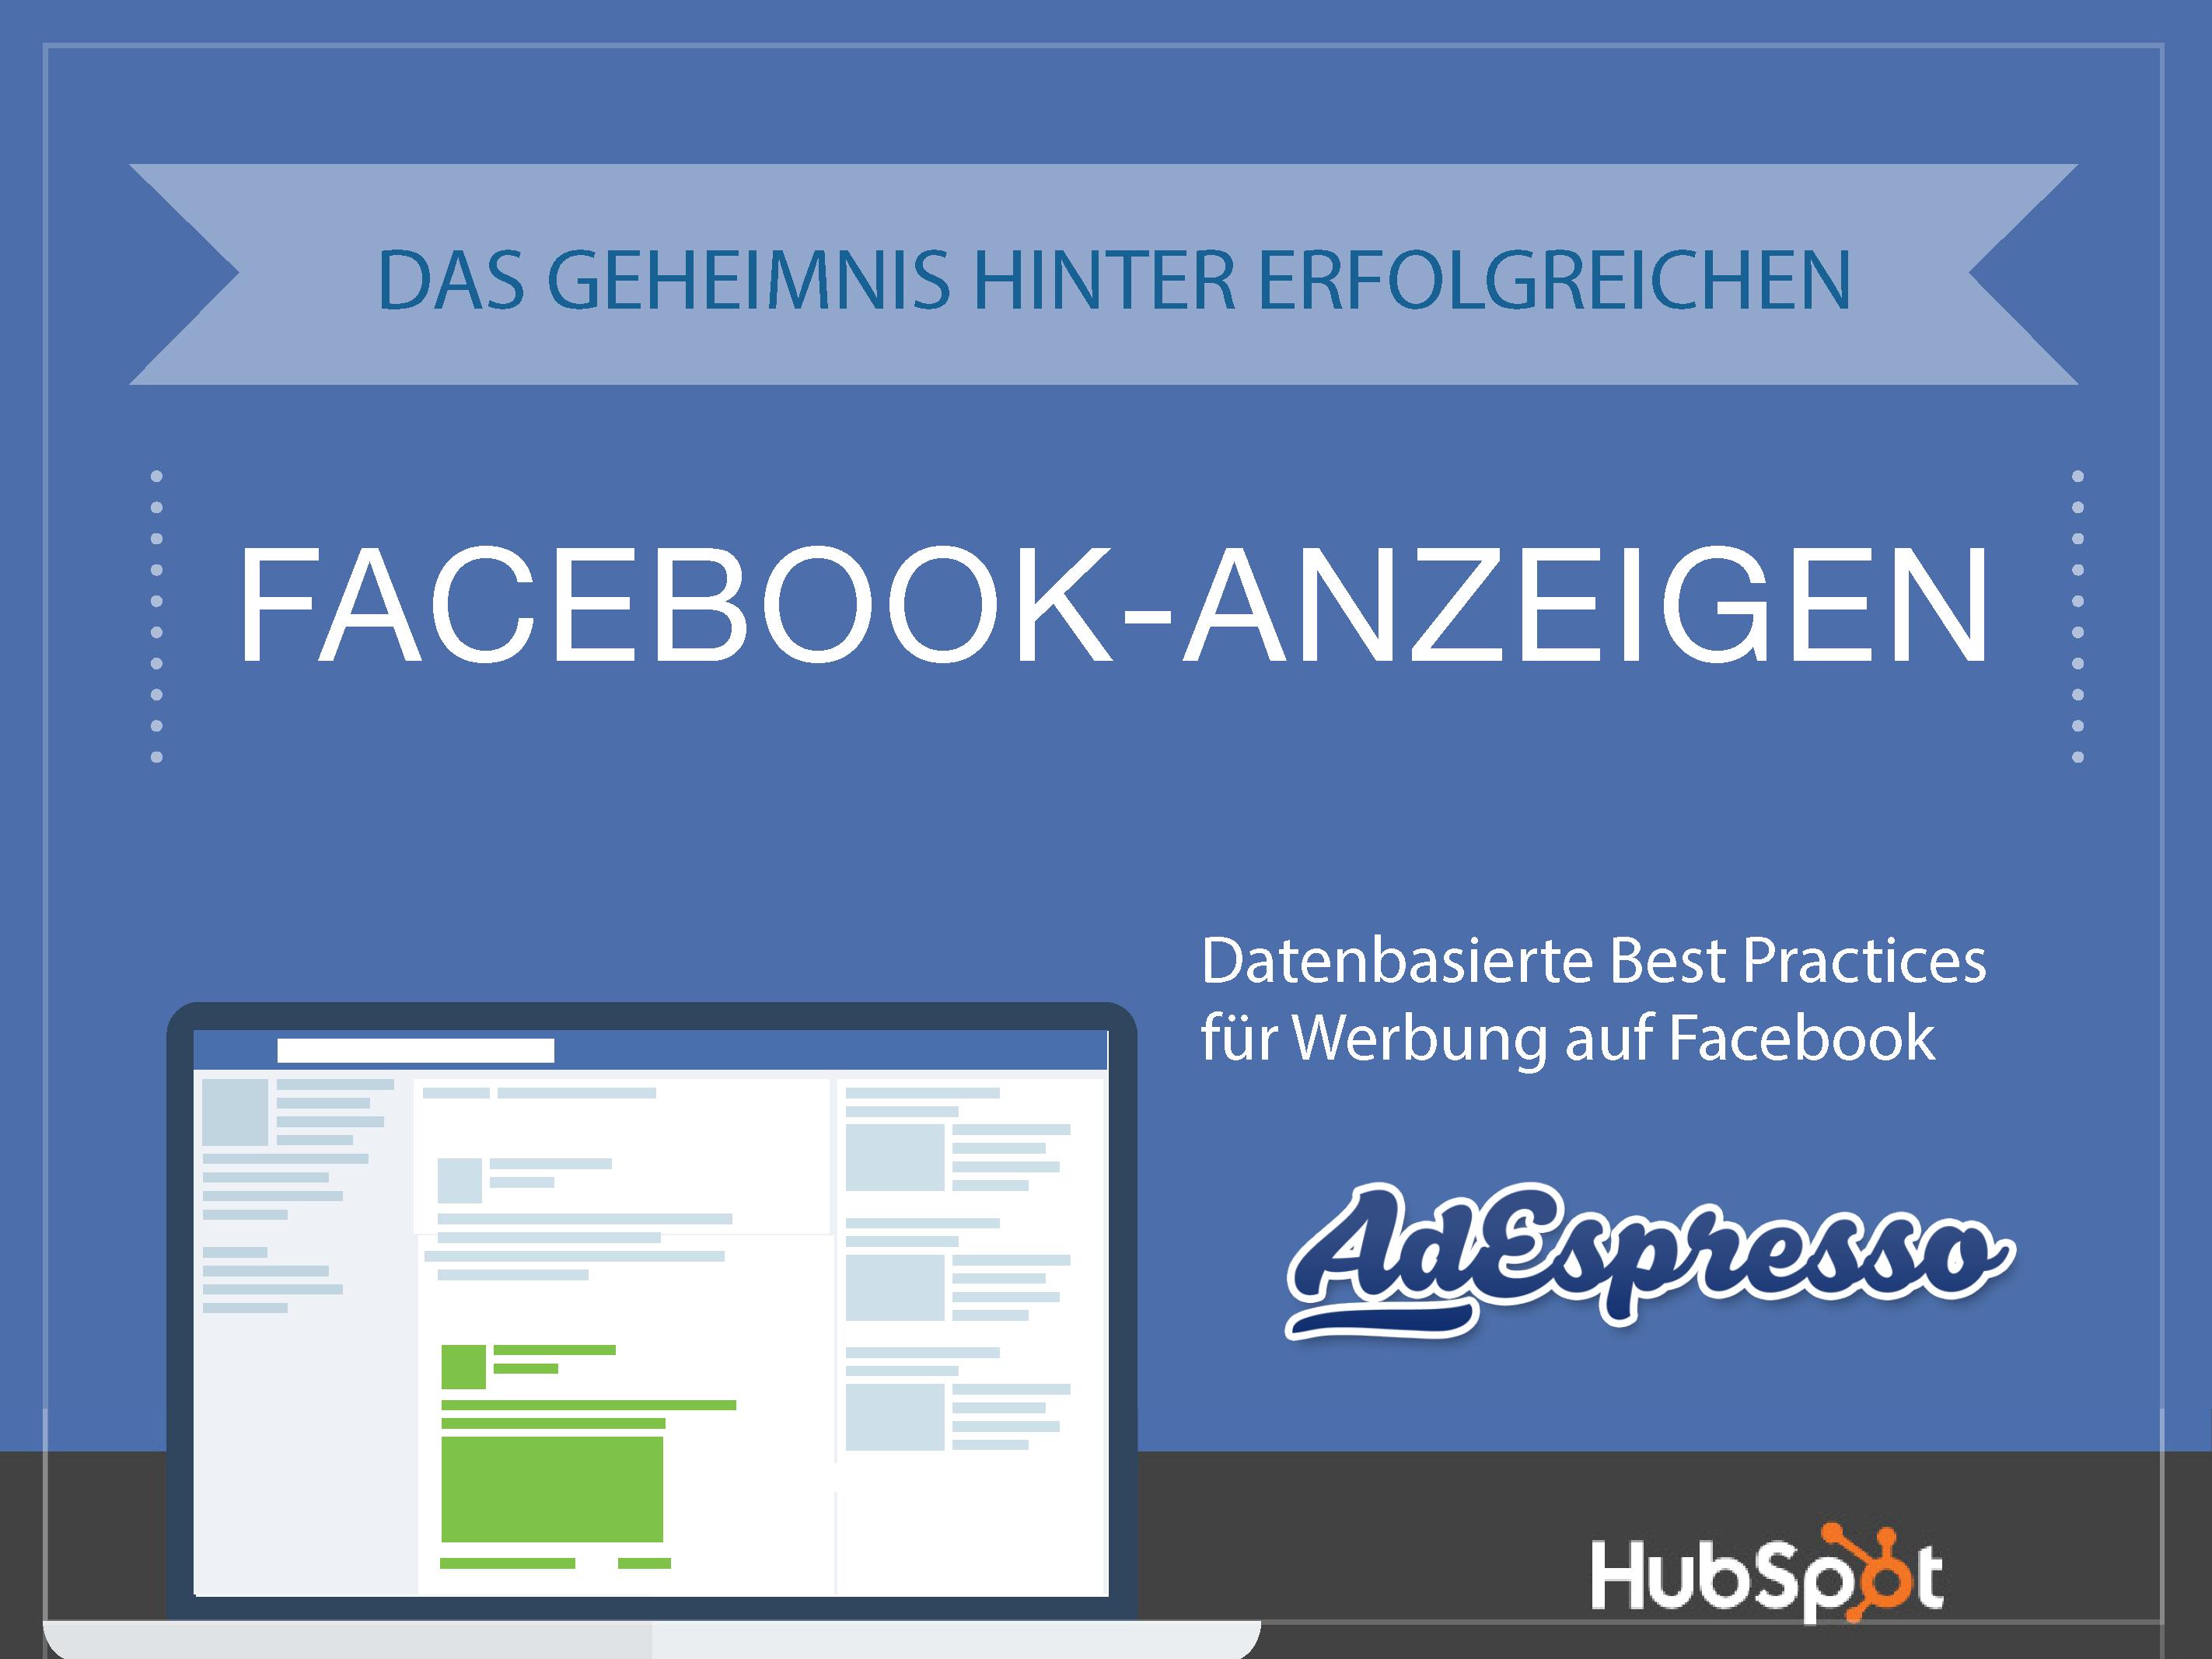 DAS GEHEIMNIS HINTER ERFOLGREICHEN FACEBOOK-ANZEIGEN_01.png